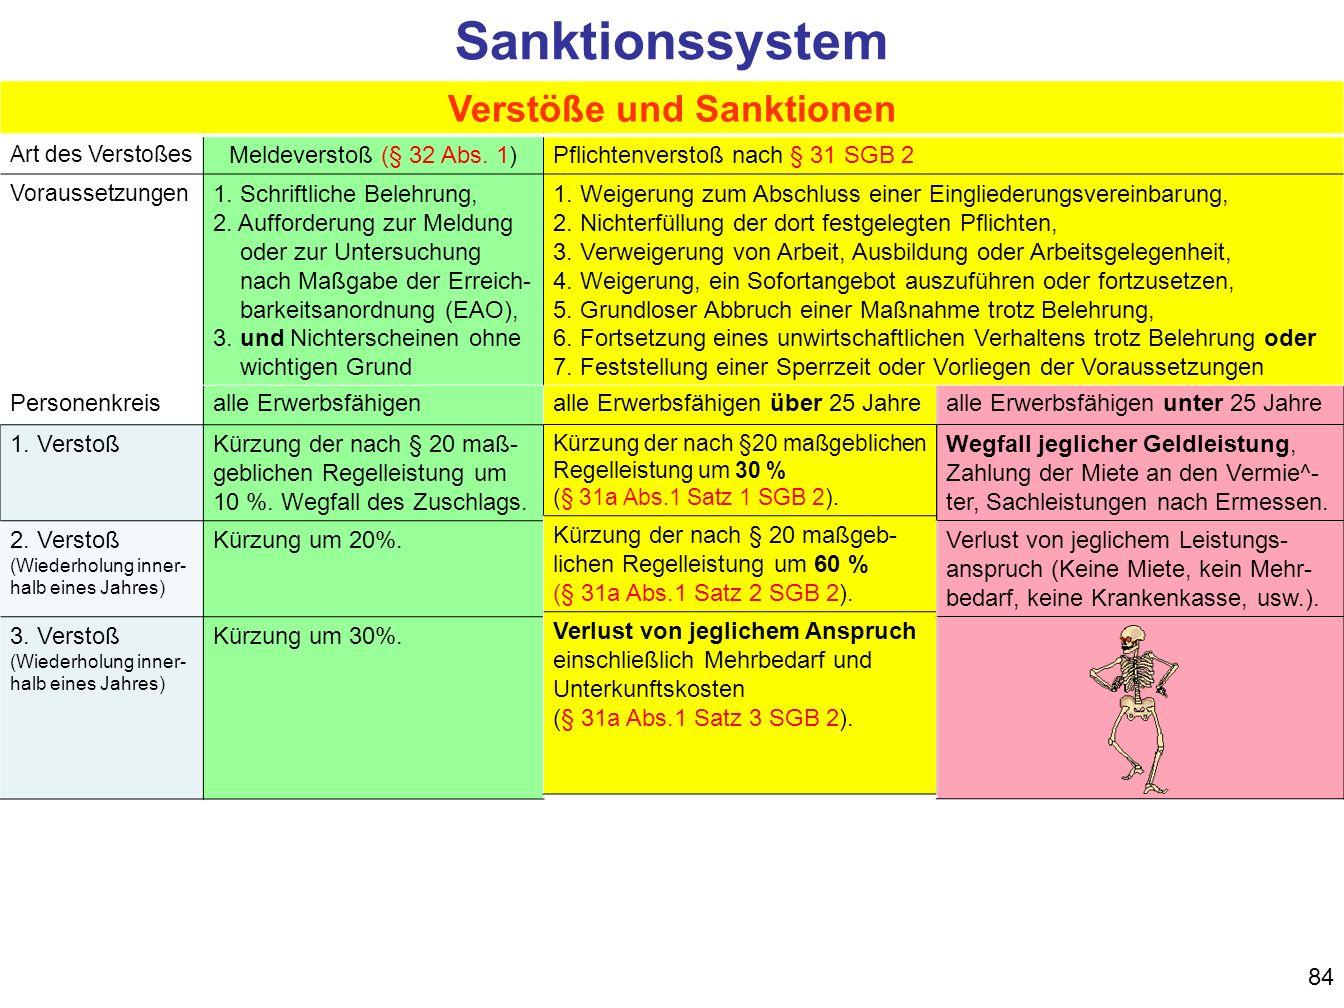 Verstöße und Sanktionen